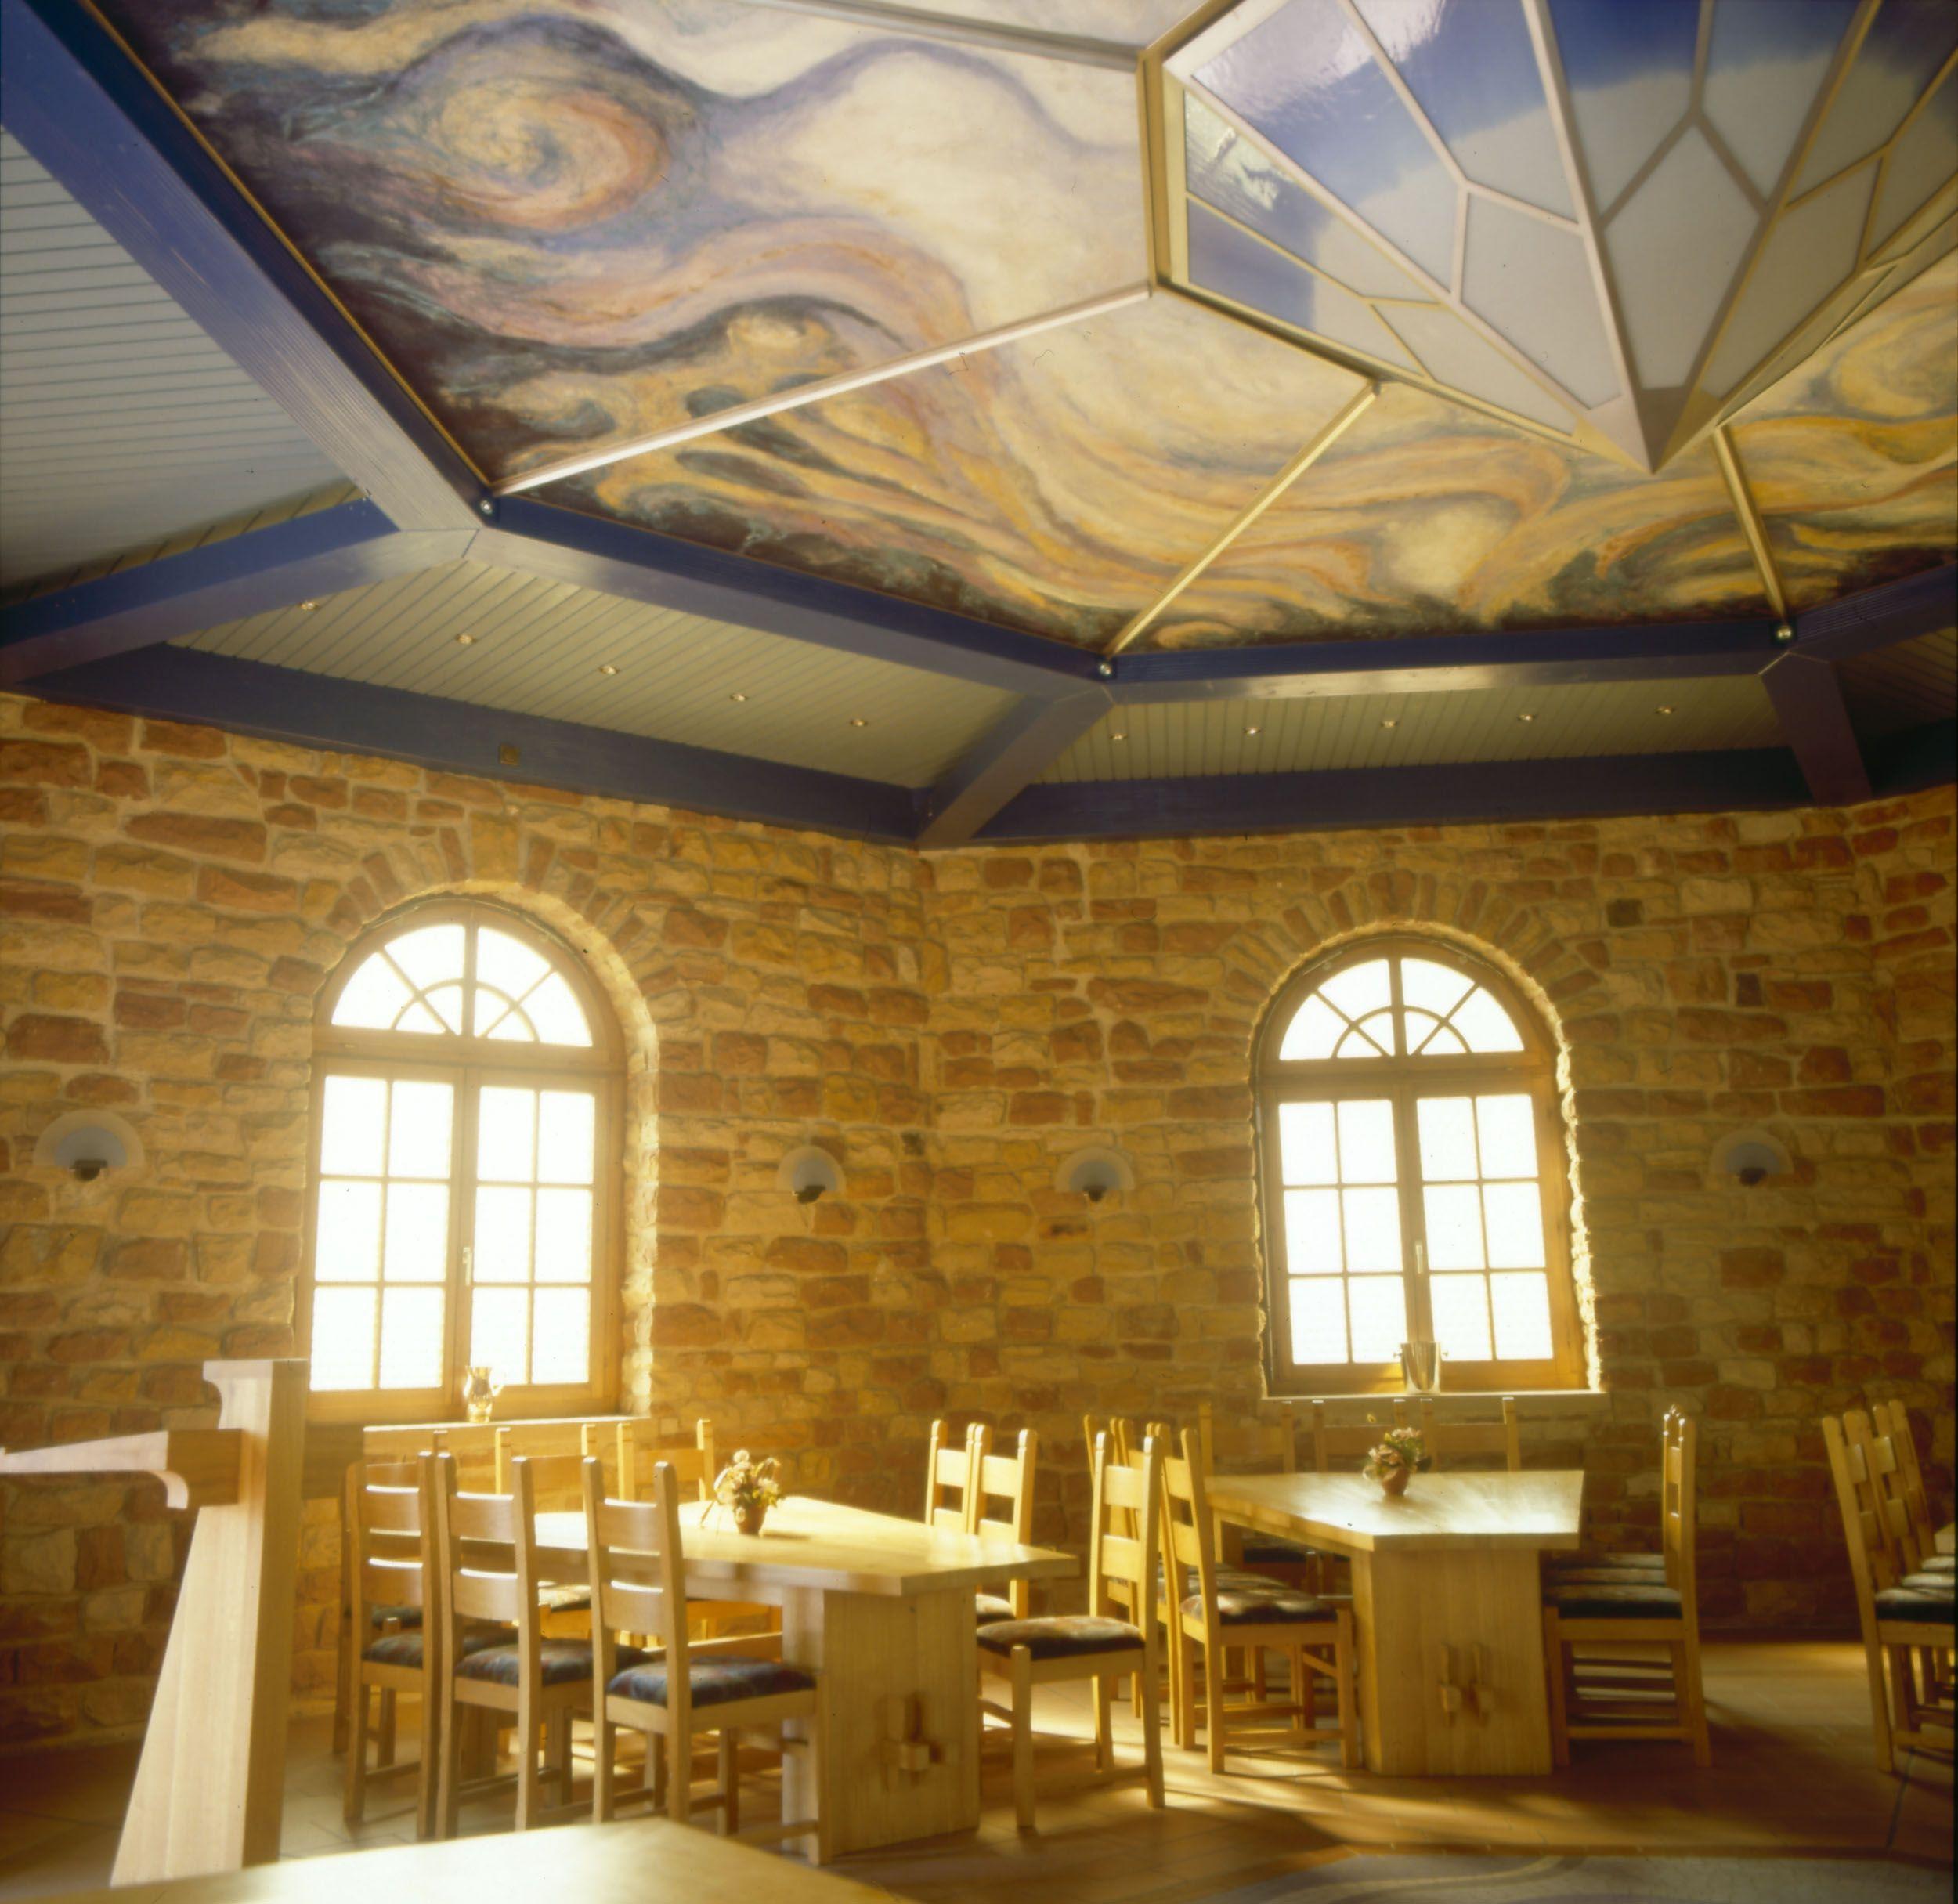 Wein und Kunst / Wine and Arts  Unsere Vinothek wurde von Herrn Vollmer Stein für Stein selbst gebaut. Die Decke wurde im Marc Chagall Stil bemahlt.  Artist Marc Chaghall